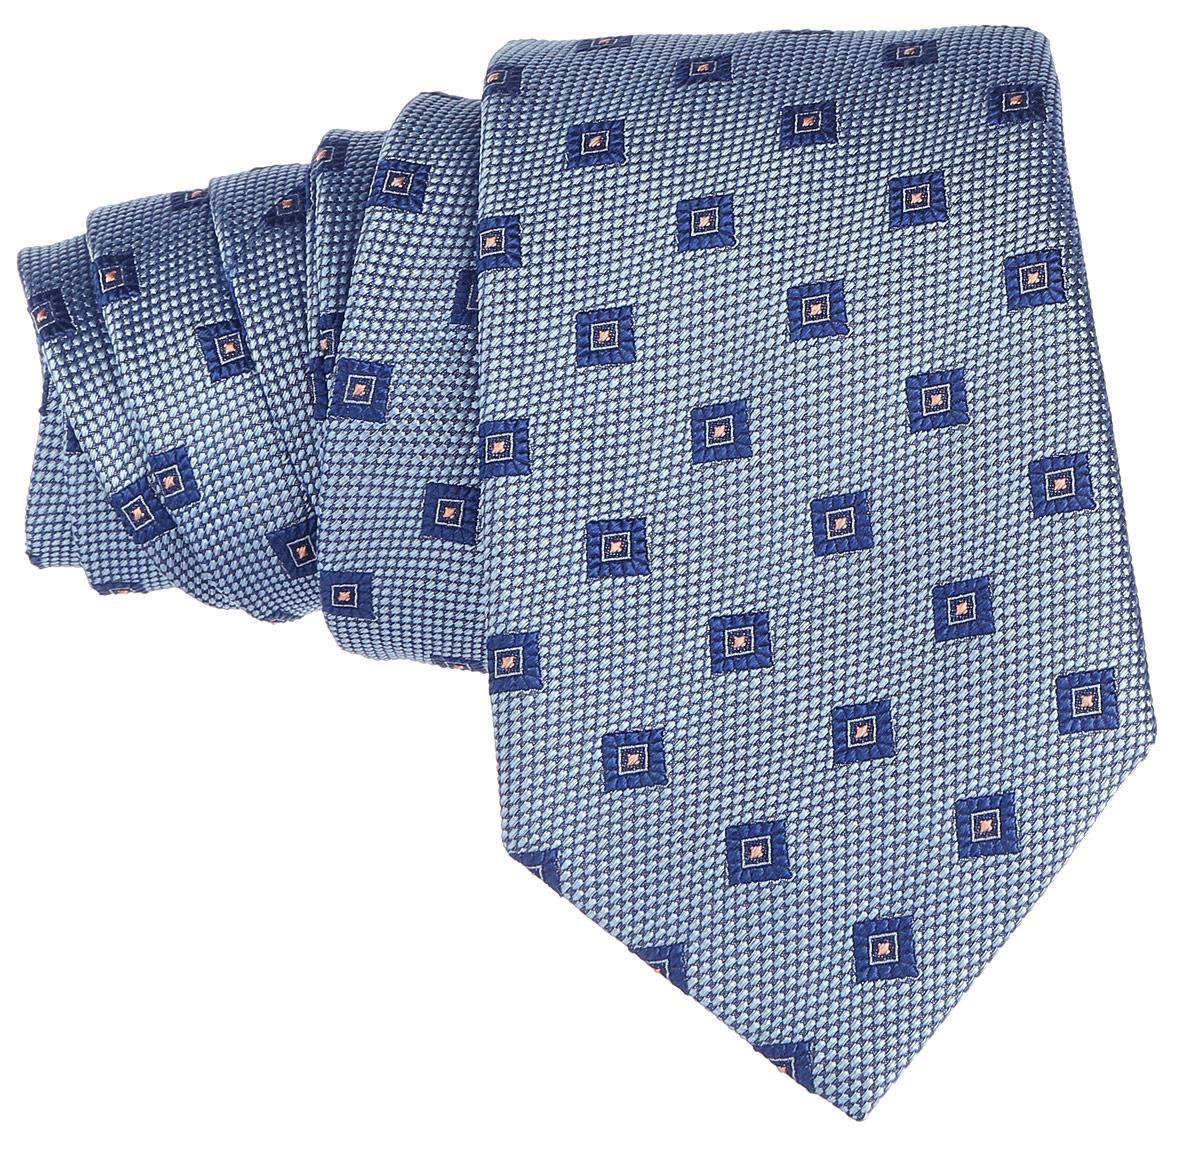 Галстук. 12.01577812.015778Стильный галстук BTC станет отличным завершающим штрихом вашего образа. Этот модный аксессуар порадует вас высоким качеством исполнения и современным дизайном. Изделие полностью выполнено из качественного шелка. Галстук оформлен оригинальным принтом. Такой оригинальный галстук подойдет как к повседневному, так и к официальному наряду, он позволит вам подчеркнуть свою индивидуальность и создать свой неповторимый